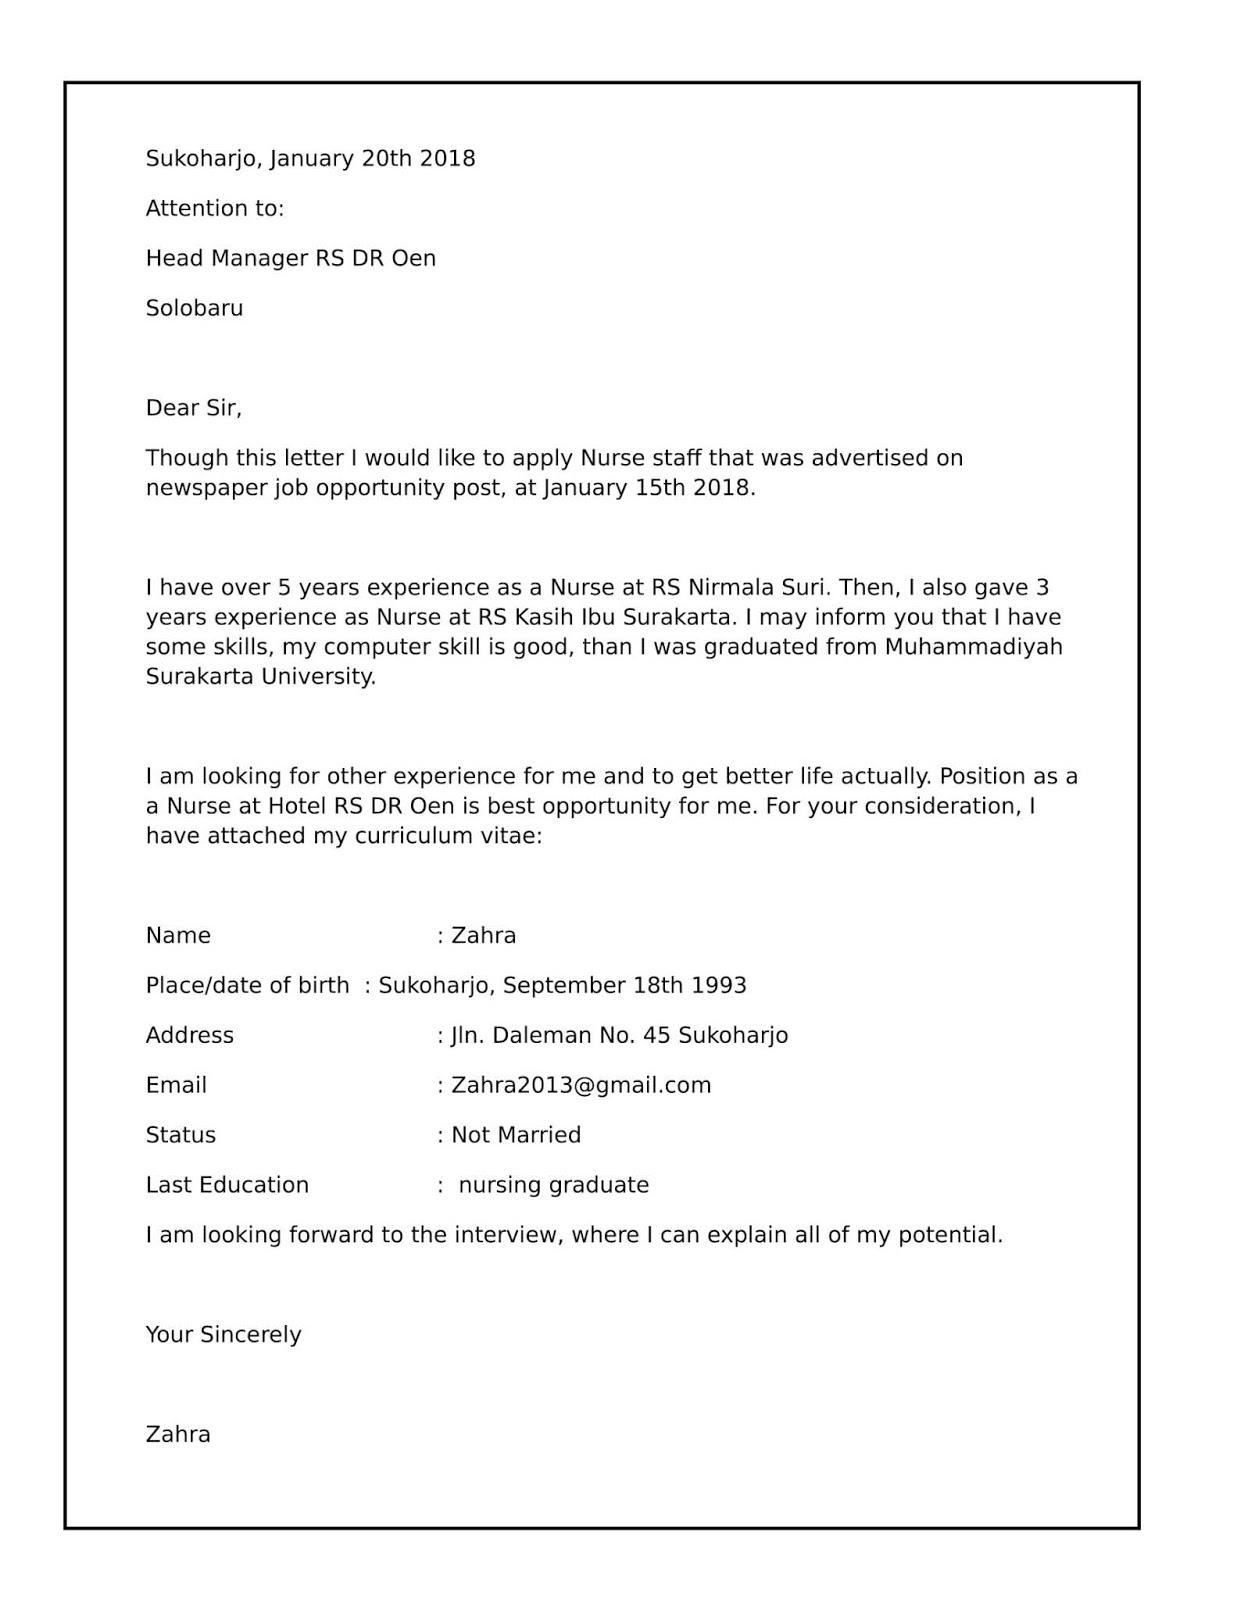 Contoh Surat Lamaran Bidan Ke Rumah Sakit Contoh Seputar Surat